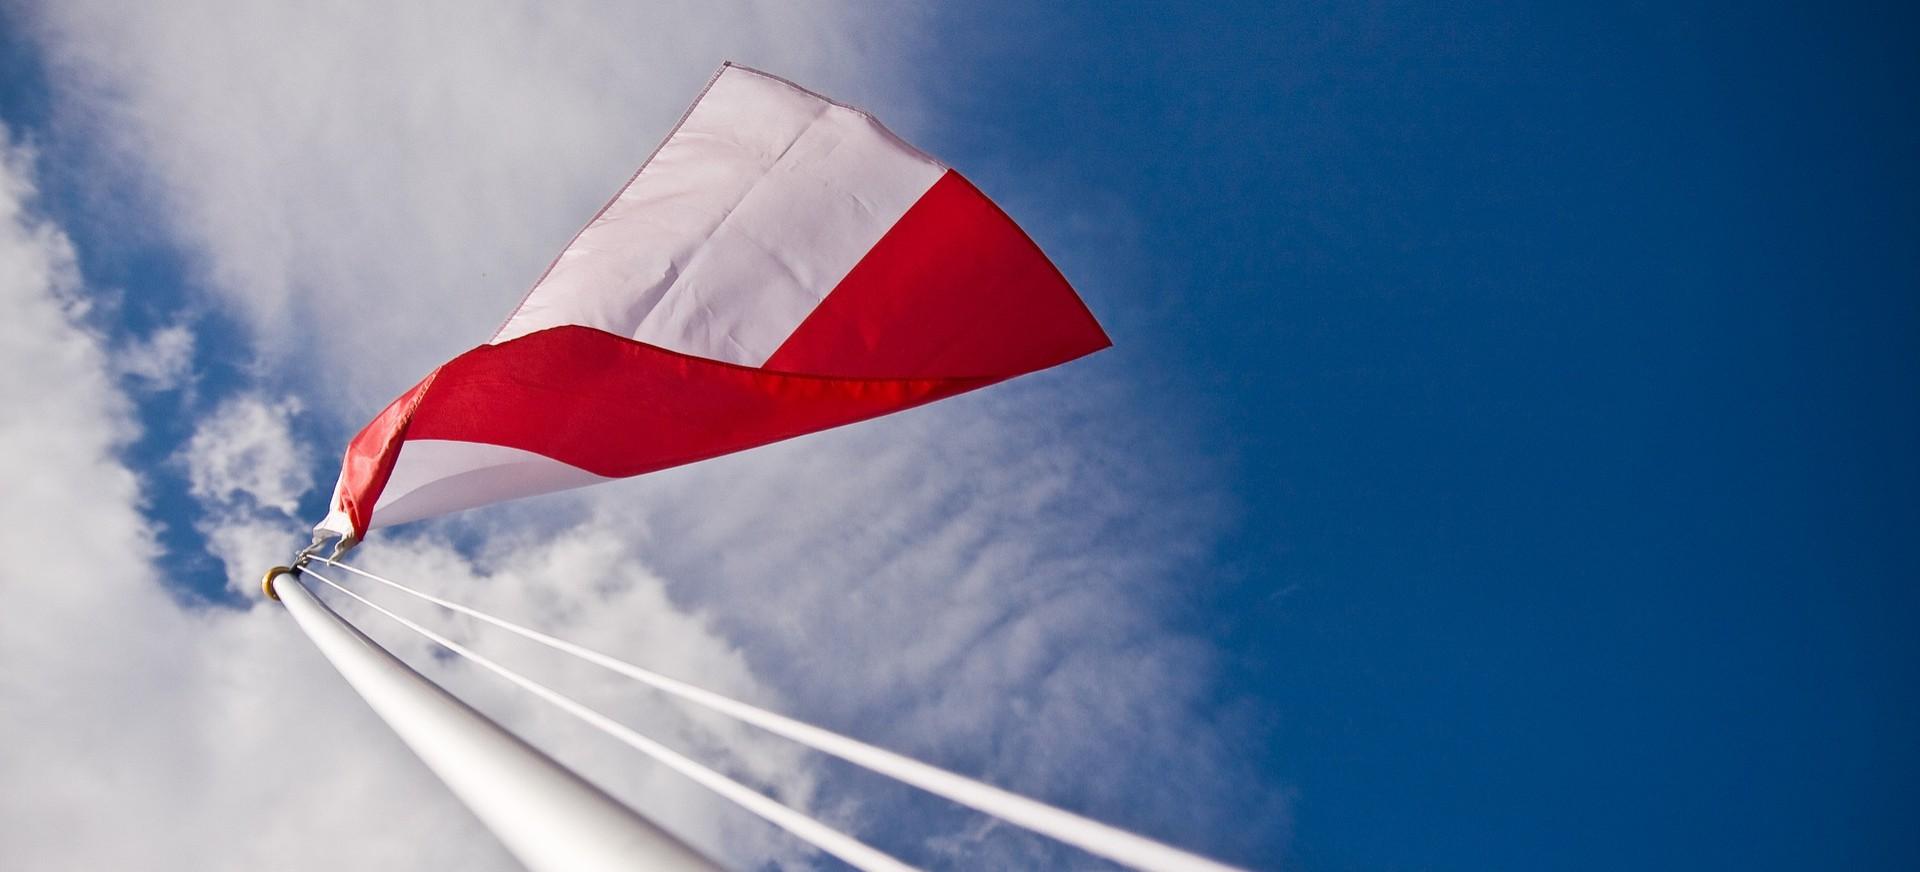 PKW: Mamy zwycięzcę! Andrzej Duda Prezydentem RP (VIDEO)